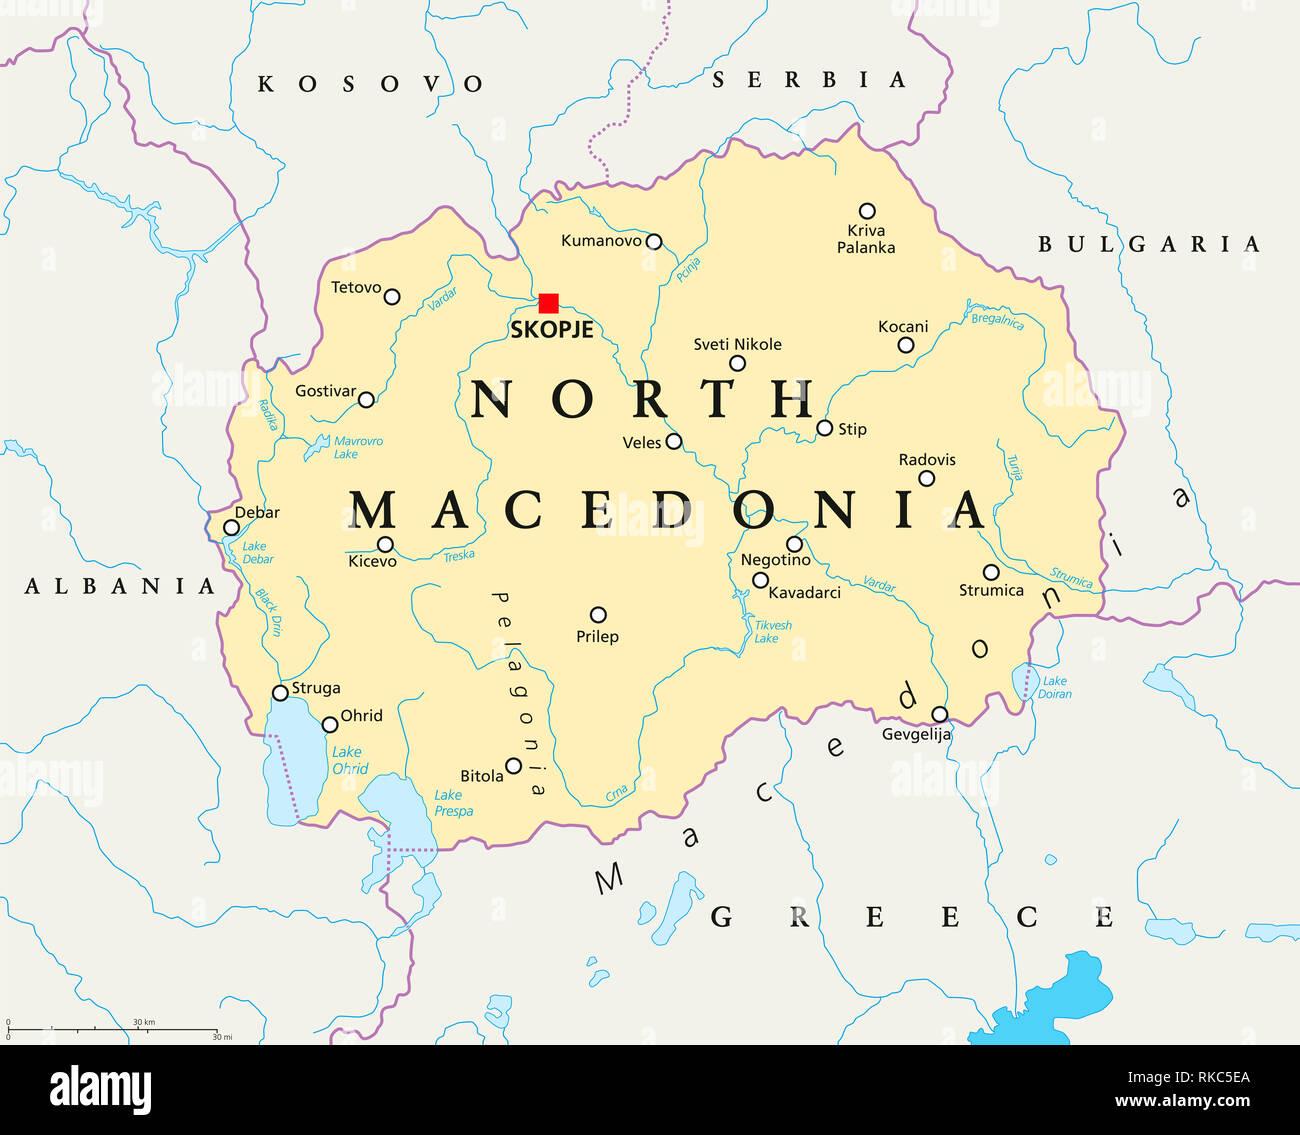 Grüne Karte Mazedonien.Nord Mazedonien Karte Stockfotos Nord Mazedonien Karte Bilder Alamy